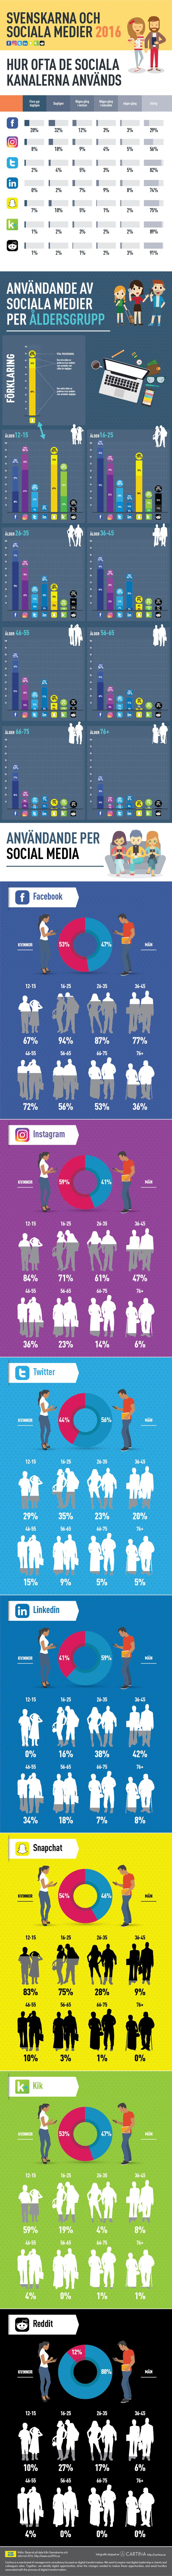 Svenskarna och sociala medier 2016 infografik. Baserat på siffror från studien Svenskarna och internet 2016